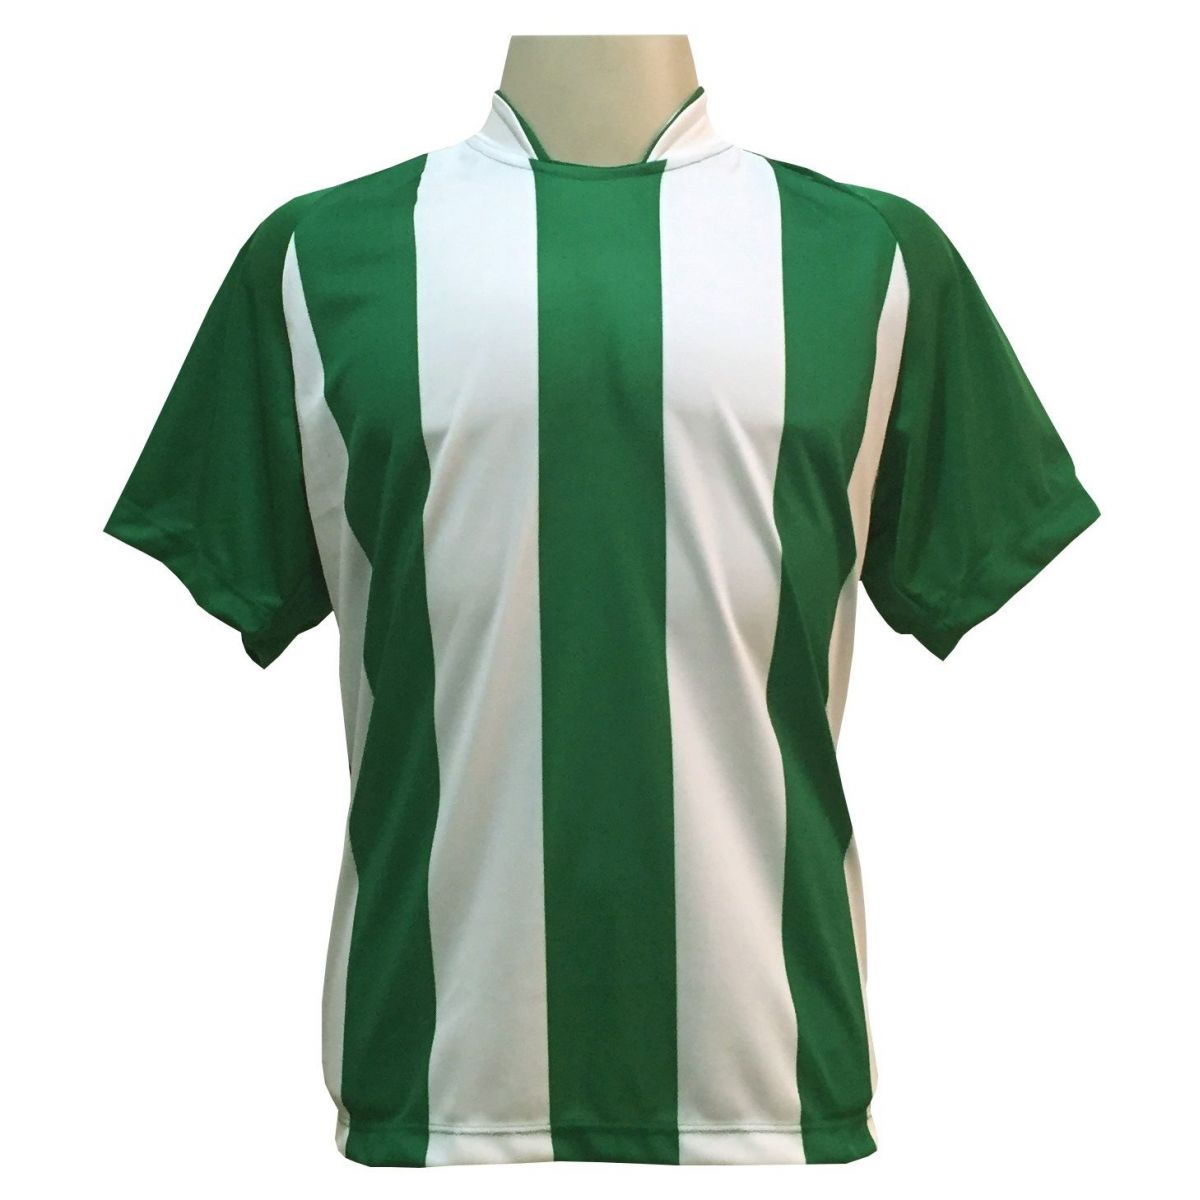 Uniforme Esportivo com 12 Camisas modelo Milan Verde/Branco + 12 Calções modelo Madrid Verde